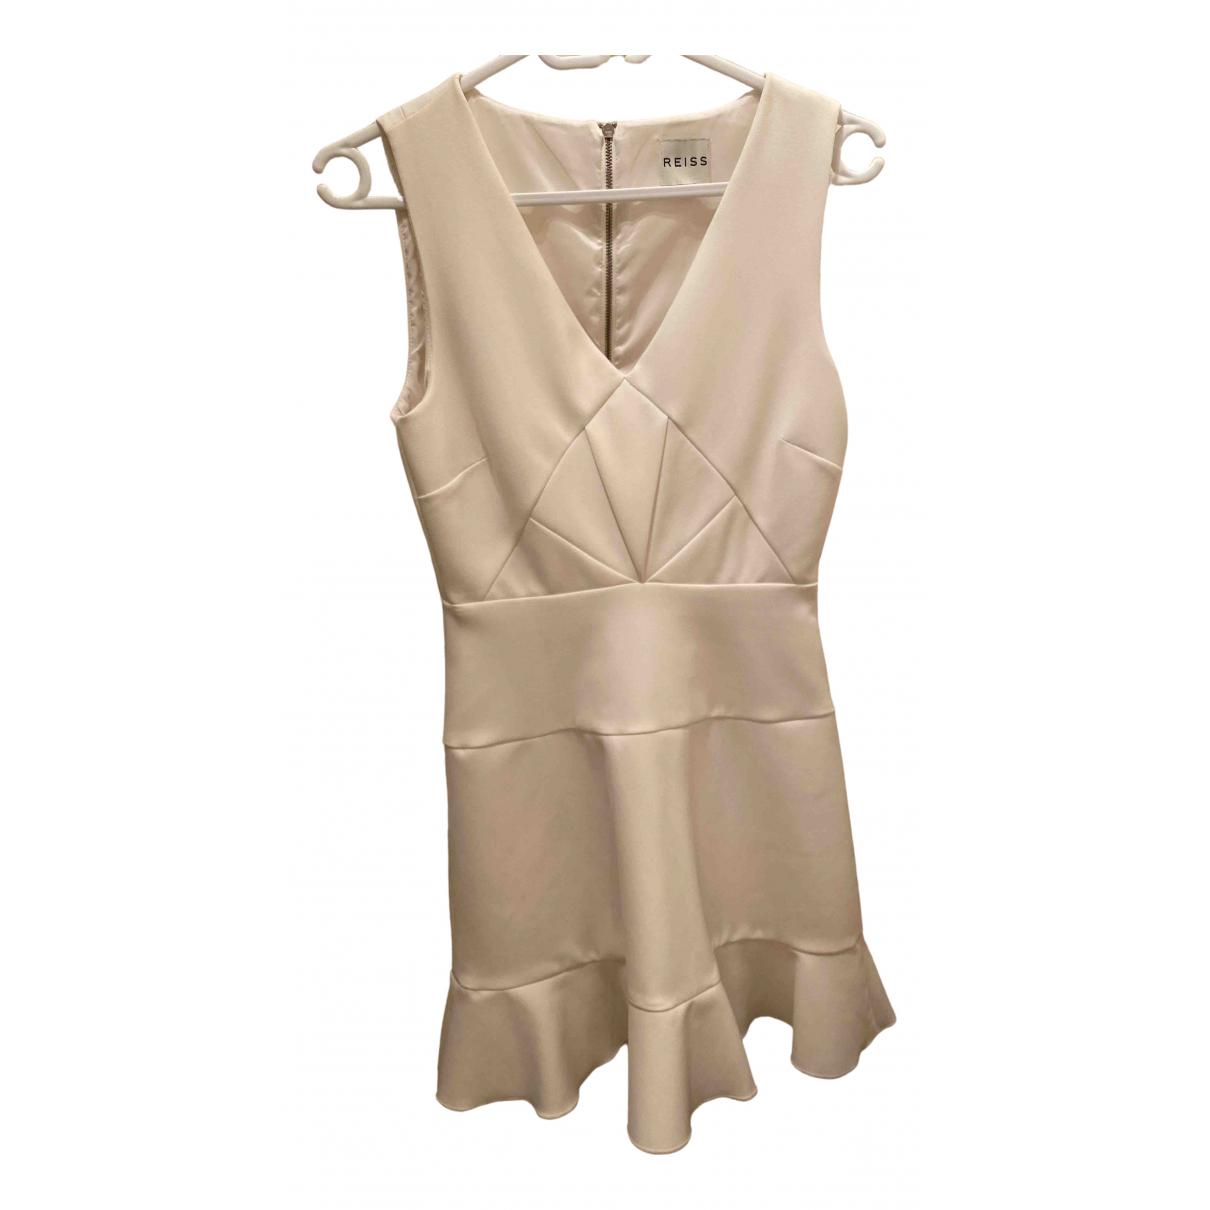 Reiss \N White dress for Women 36 FR